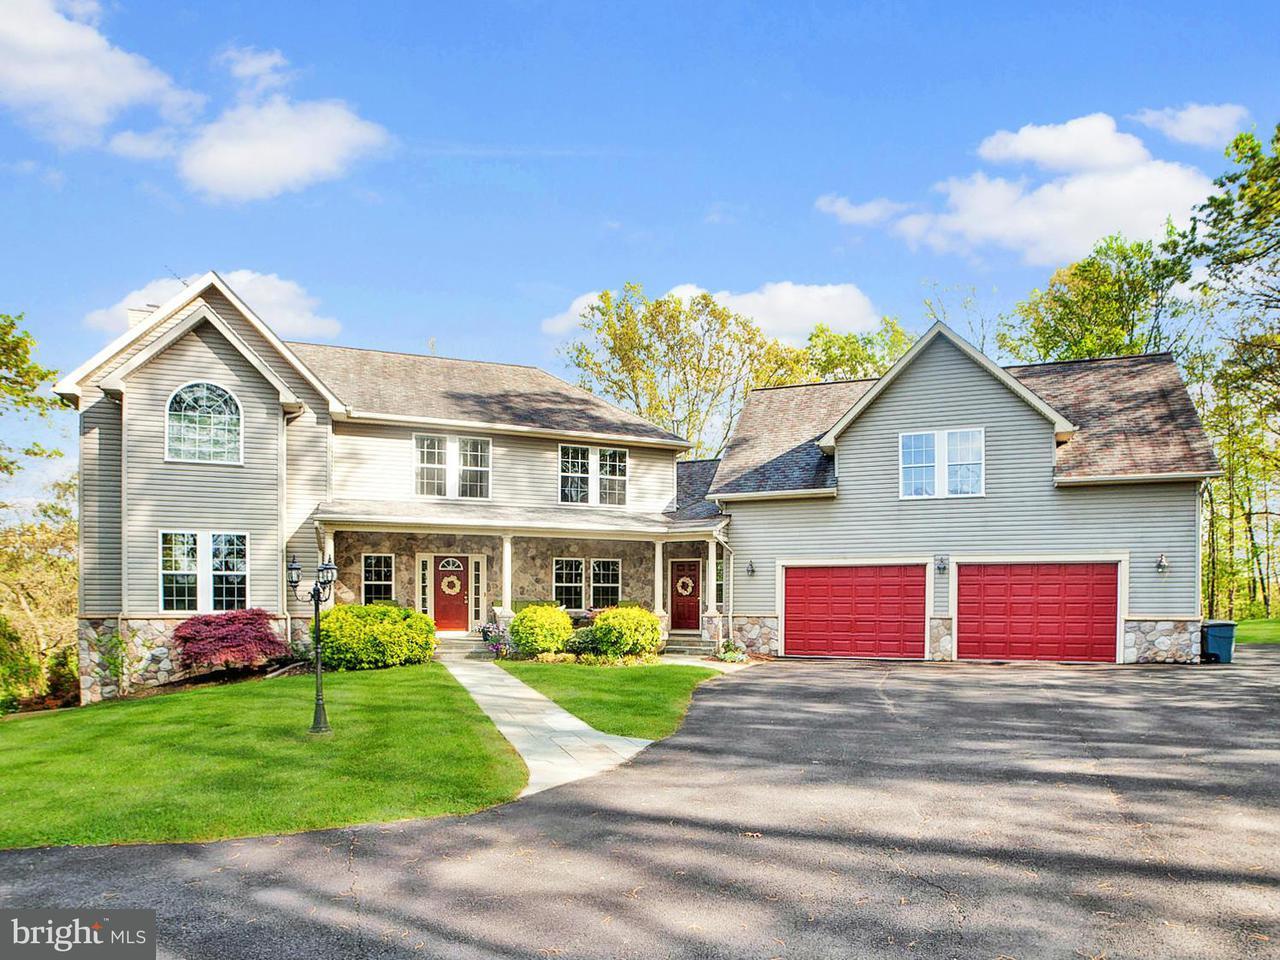 农场 为 销售 在 15611 BUSHY PARK Road 15611 BUSHY PARK Road Woodbine, 马里兰州 21797 美国